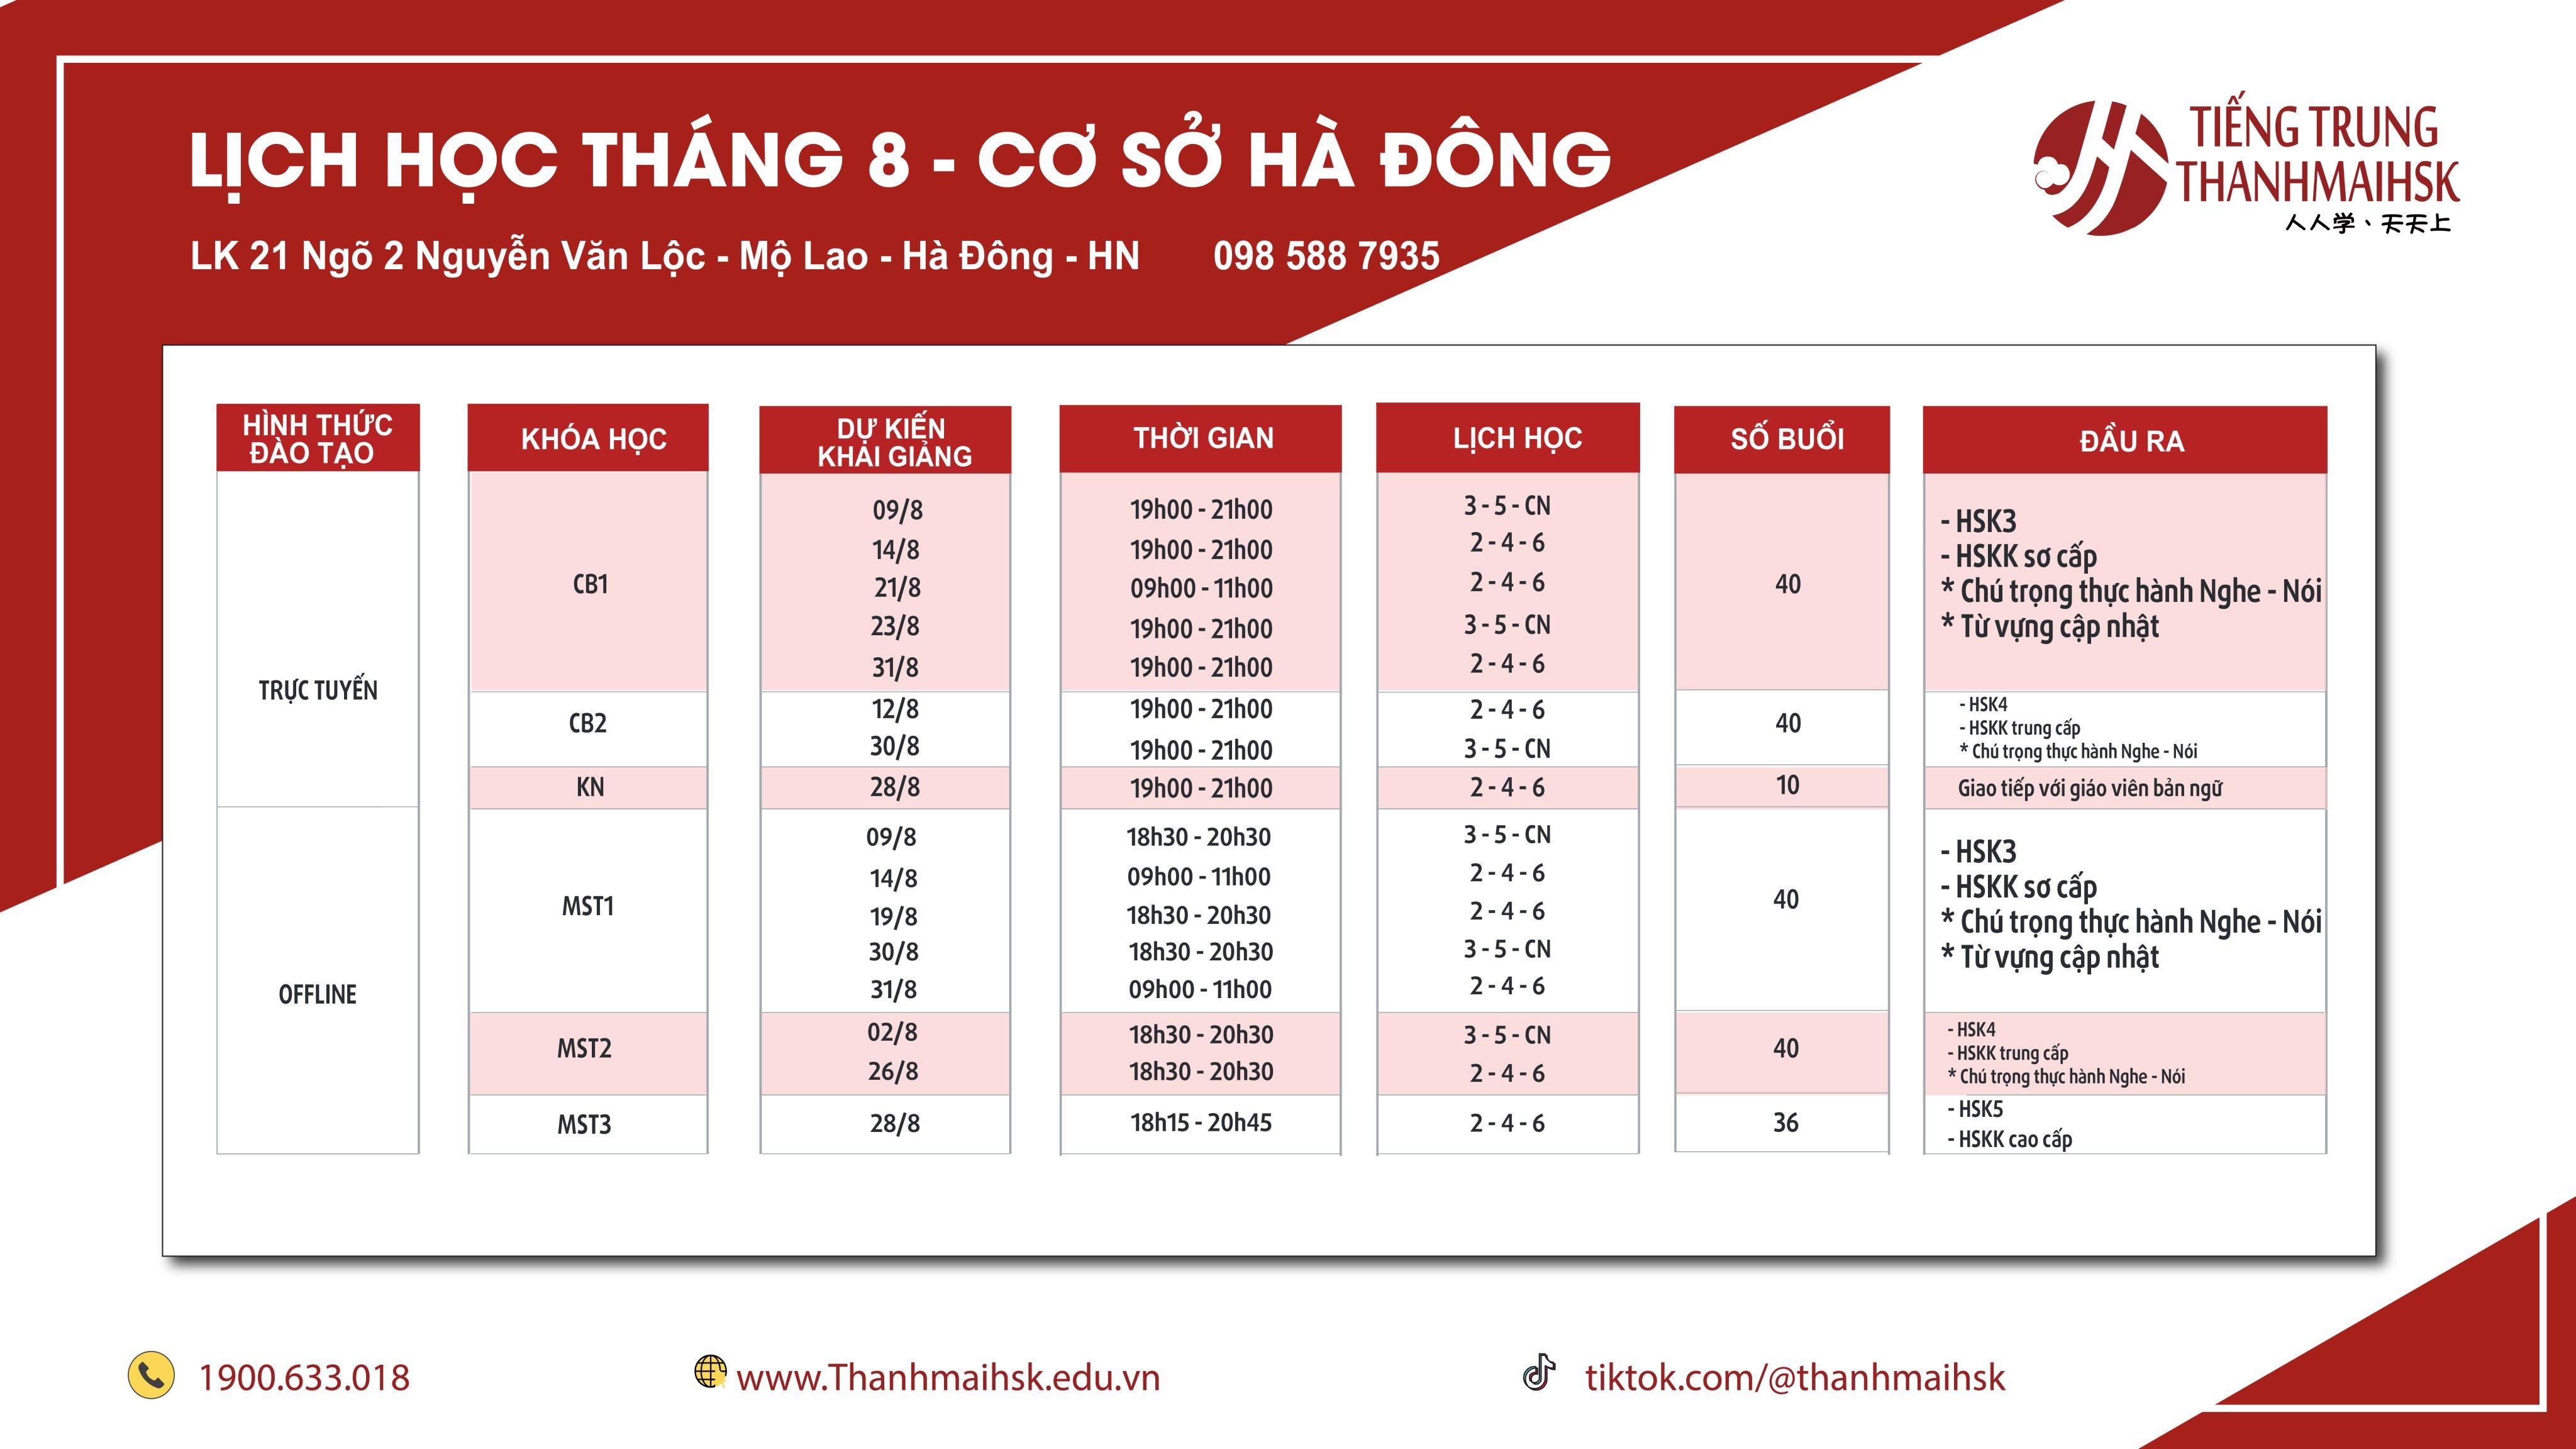 Lịch khai giảng các khóa học Tiếng Trung tháng 8/2020 tại Hà Đông